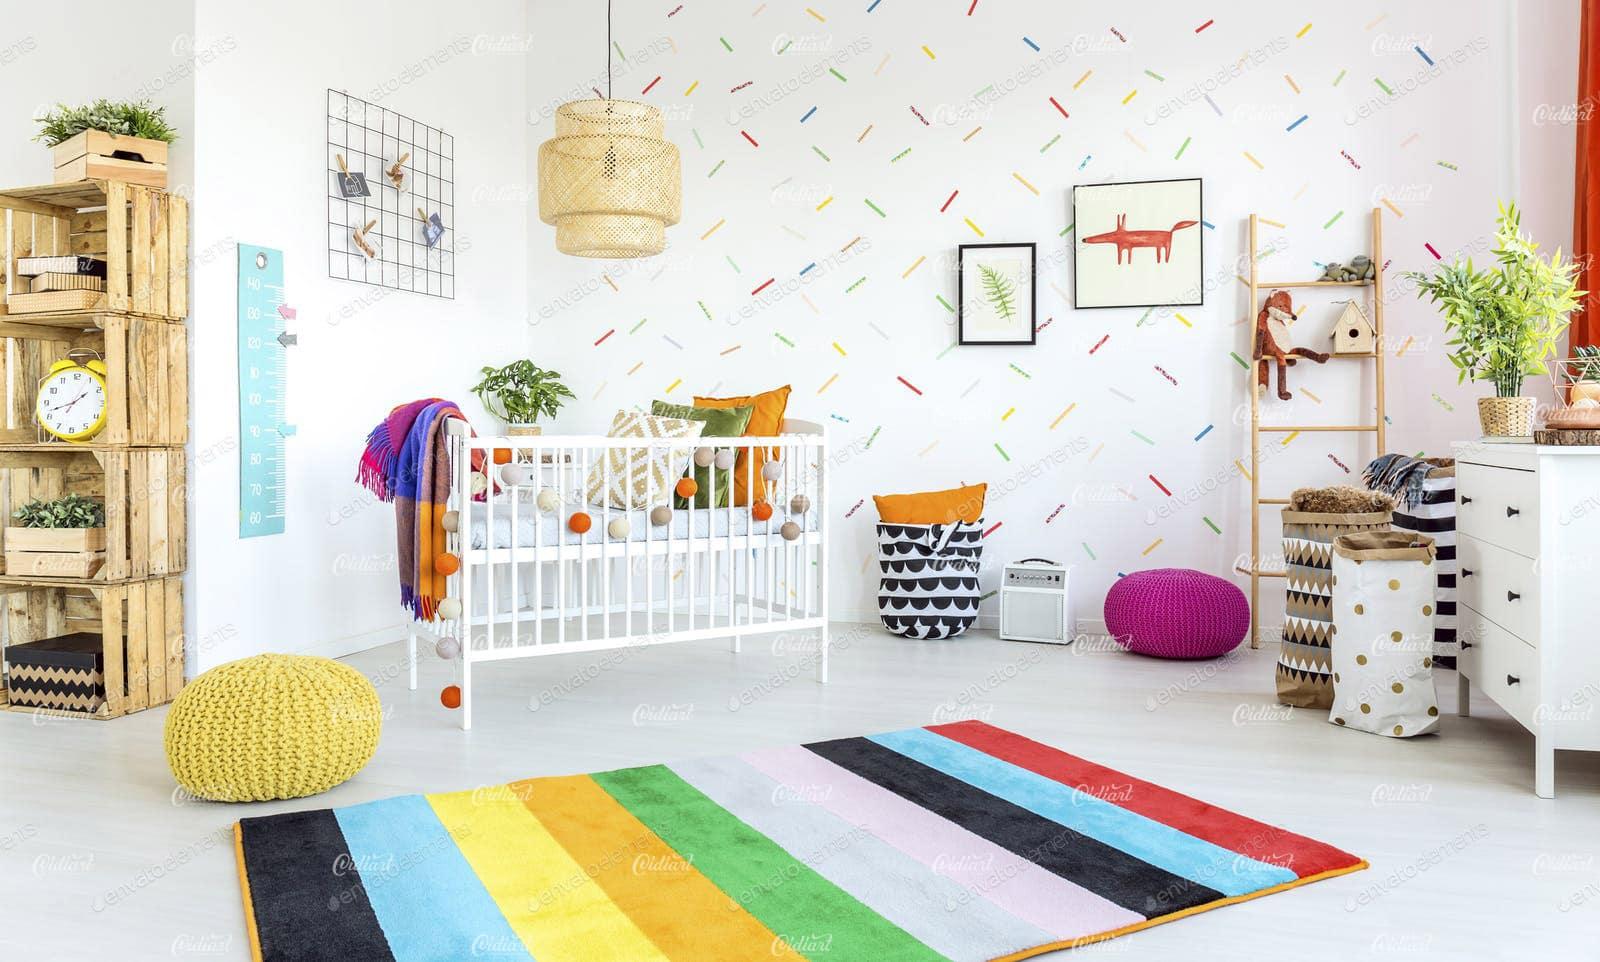 6 lưu ý nhỏ khi trang trí phòng ngủ cho bé yêu 1